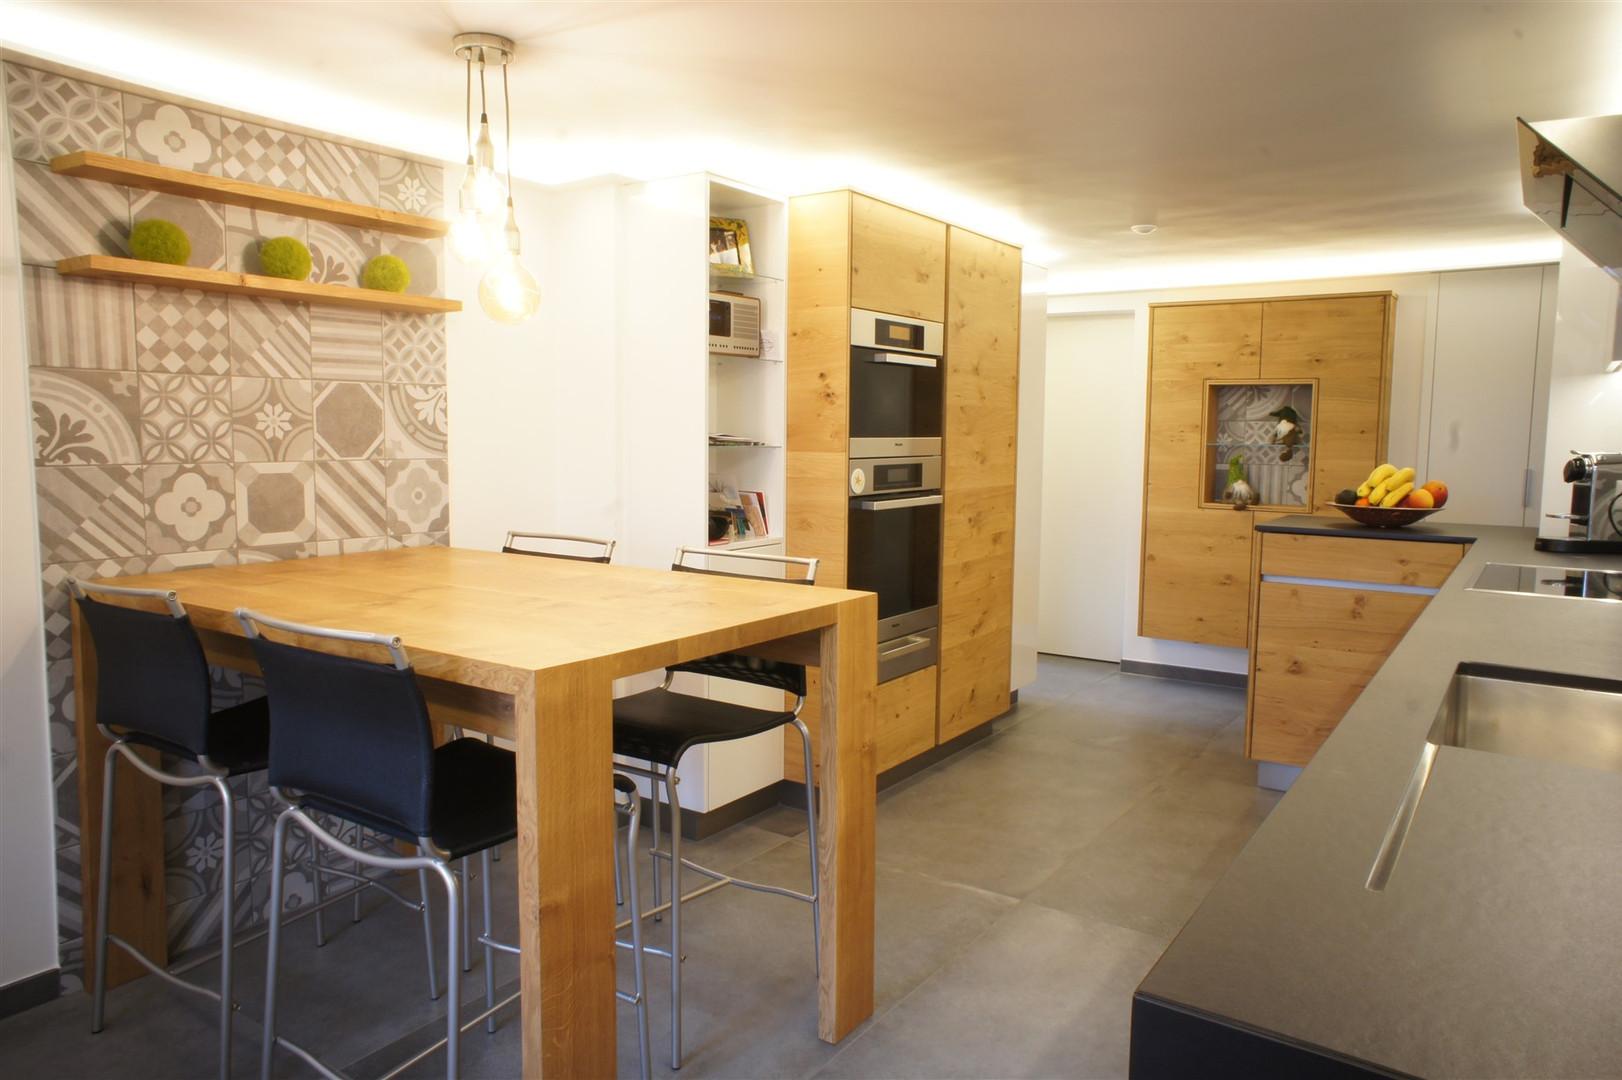 cuisine-chene-bois-table.jpg